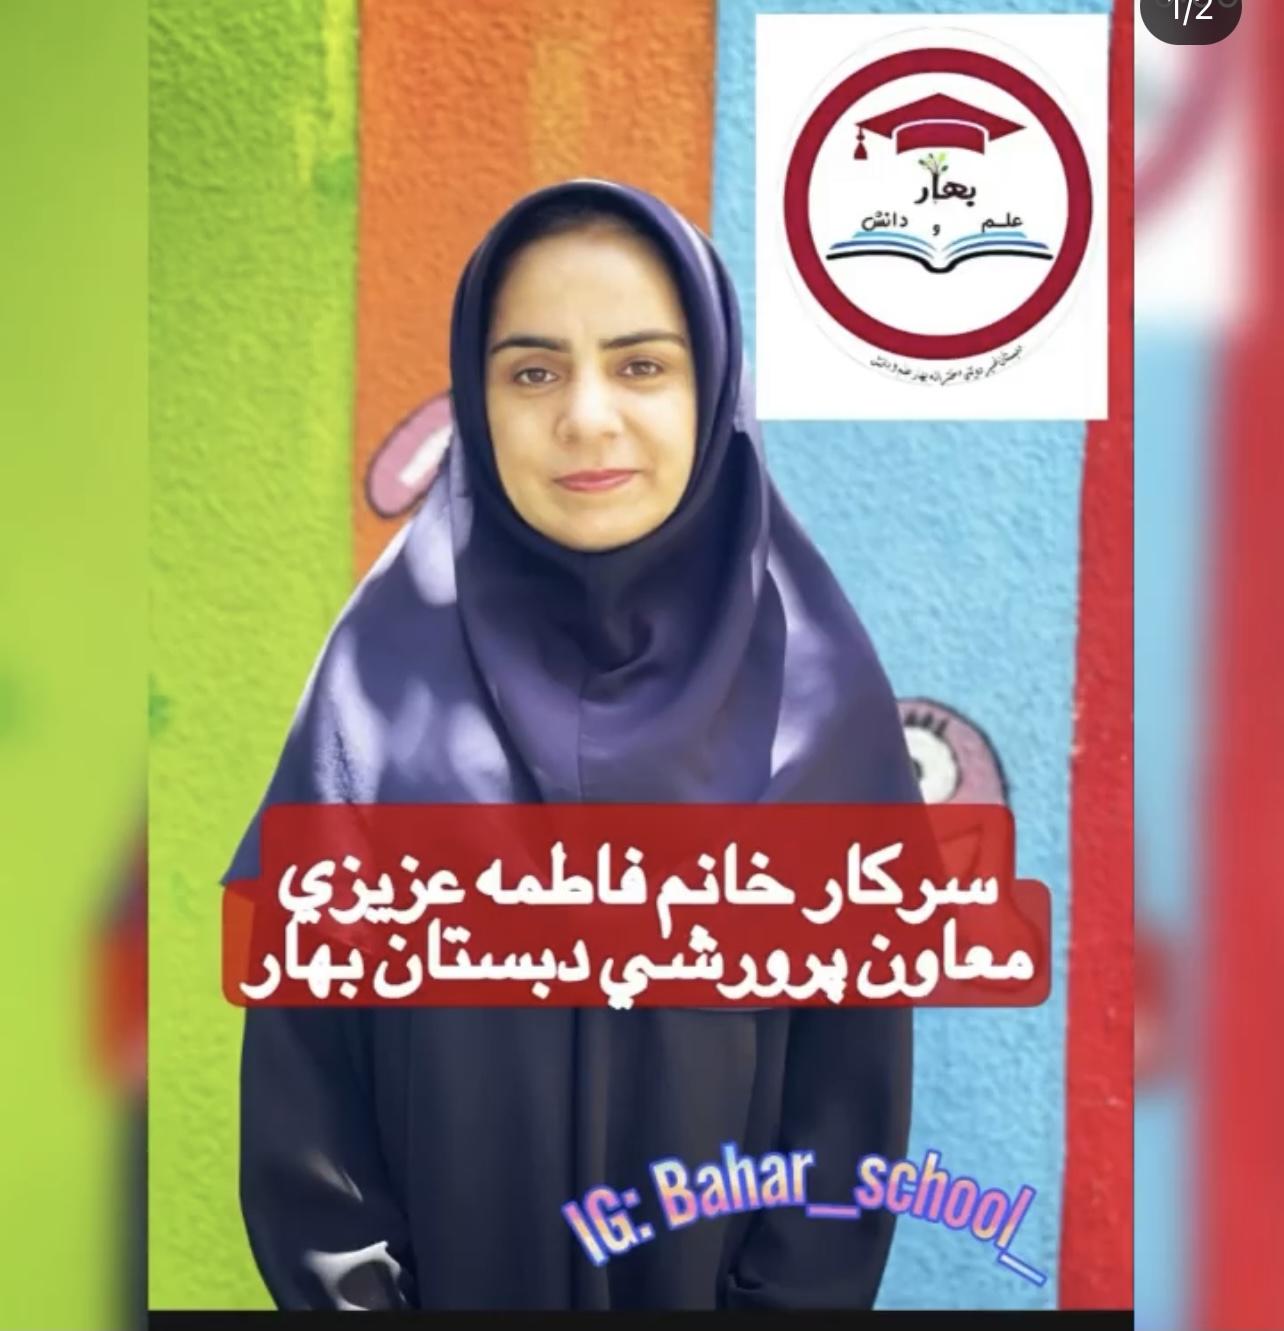 سركار خانم عزيزي معاونت پرورشي و معلم قرآن